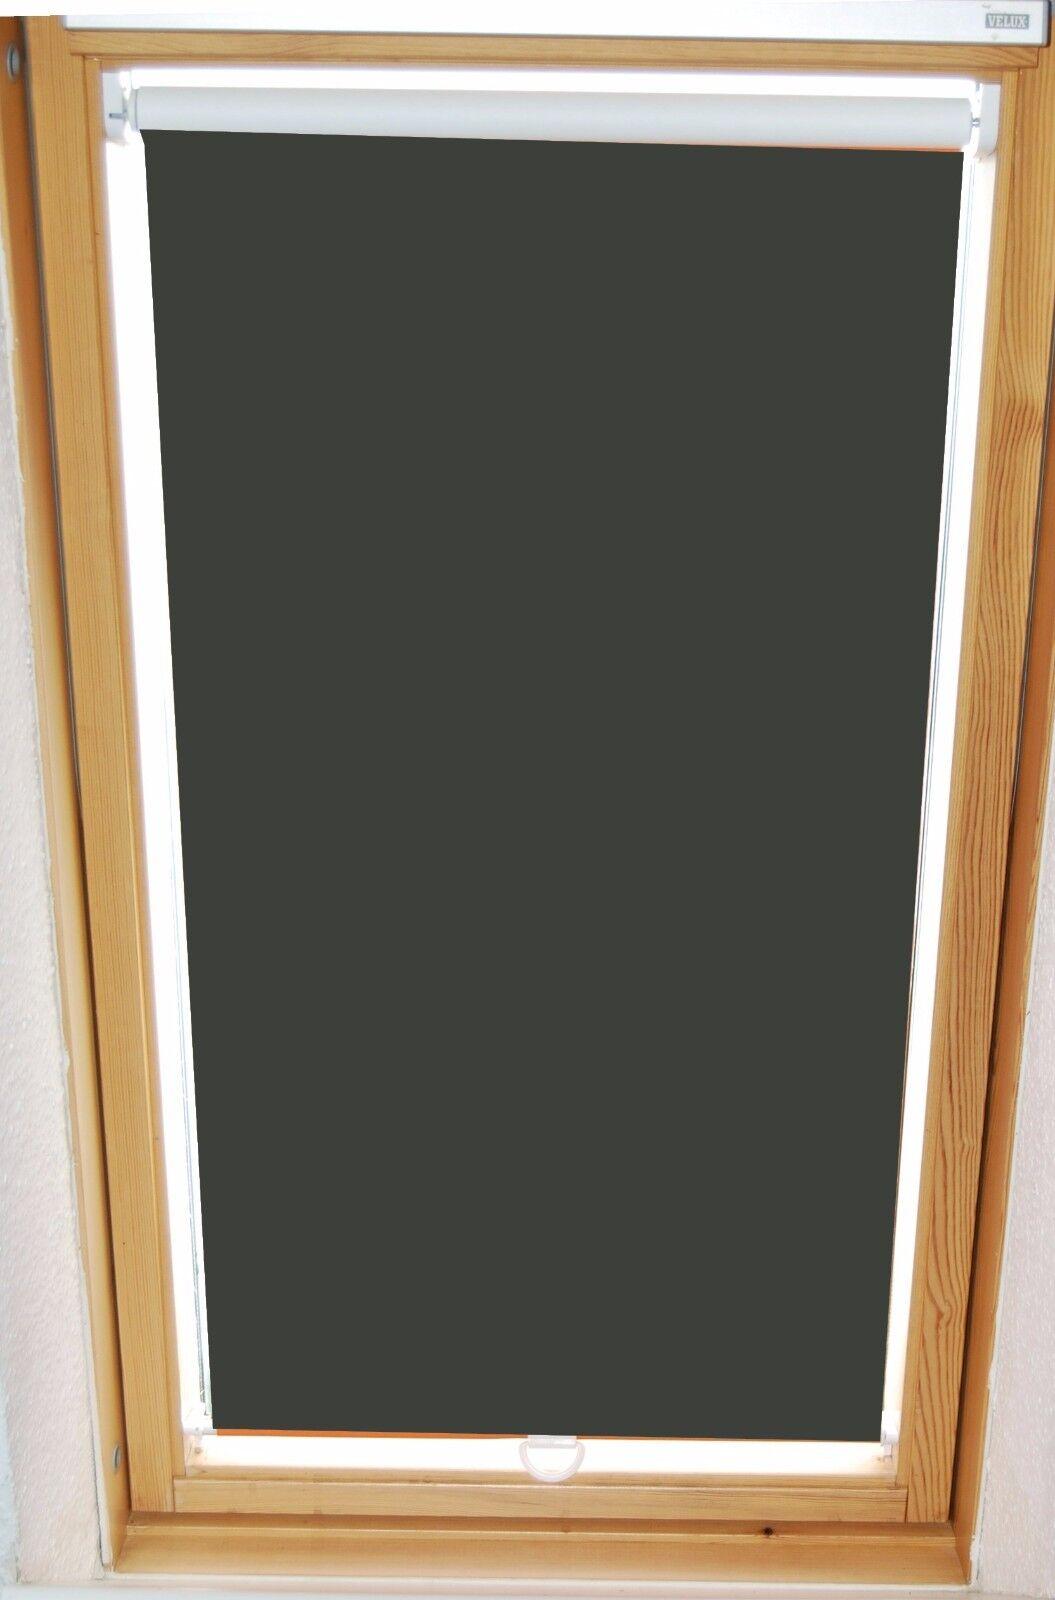 Dachfenster-Rollo Verdunkelung 328 anthrazit HK für Velux Typ GGL GHL GTL GPL | Verpackungsvielfalt  | Vogue  | Vorzüglich